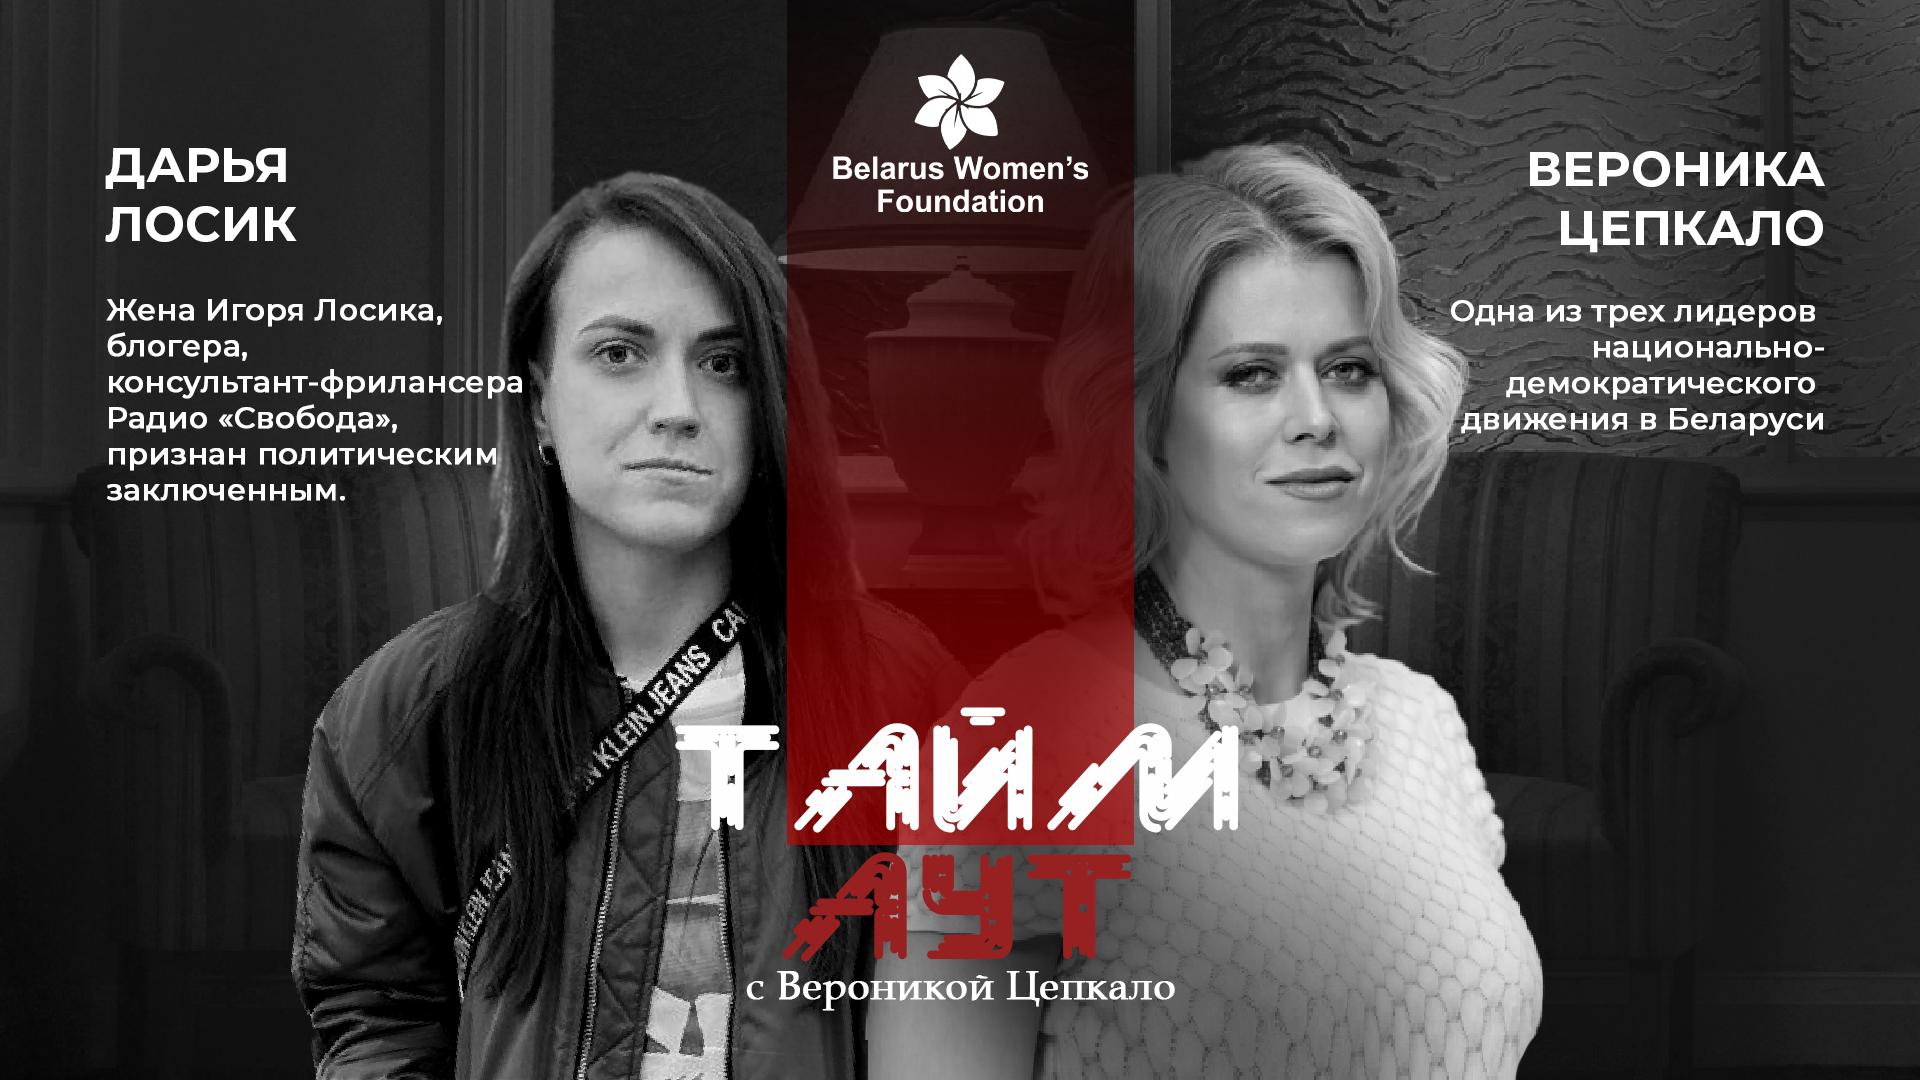 Тайм-аут с Вероникой Цепкало / Дарья Лосик